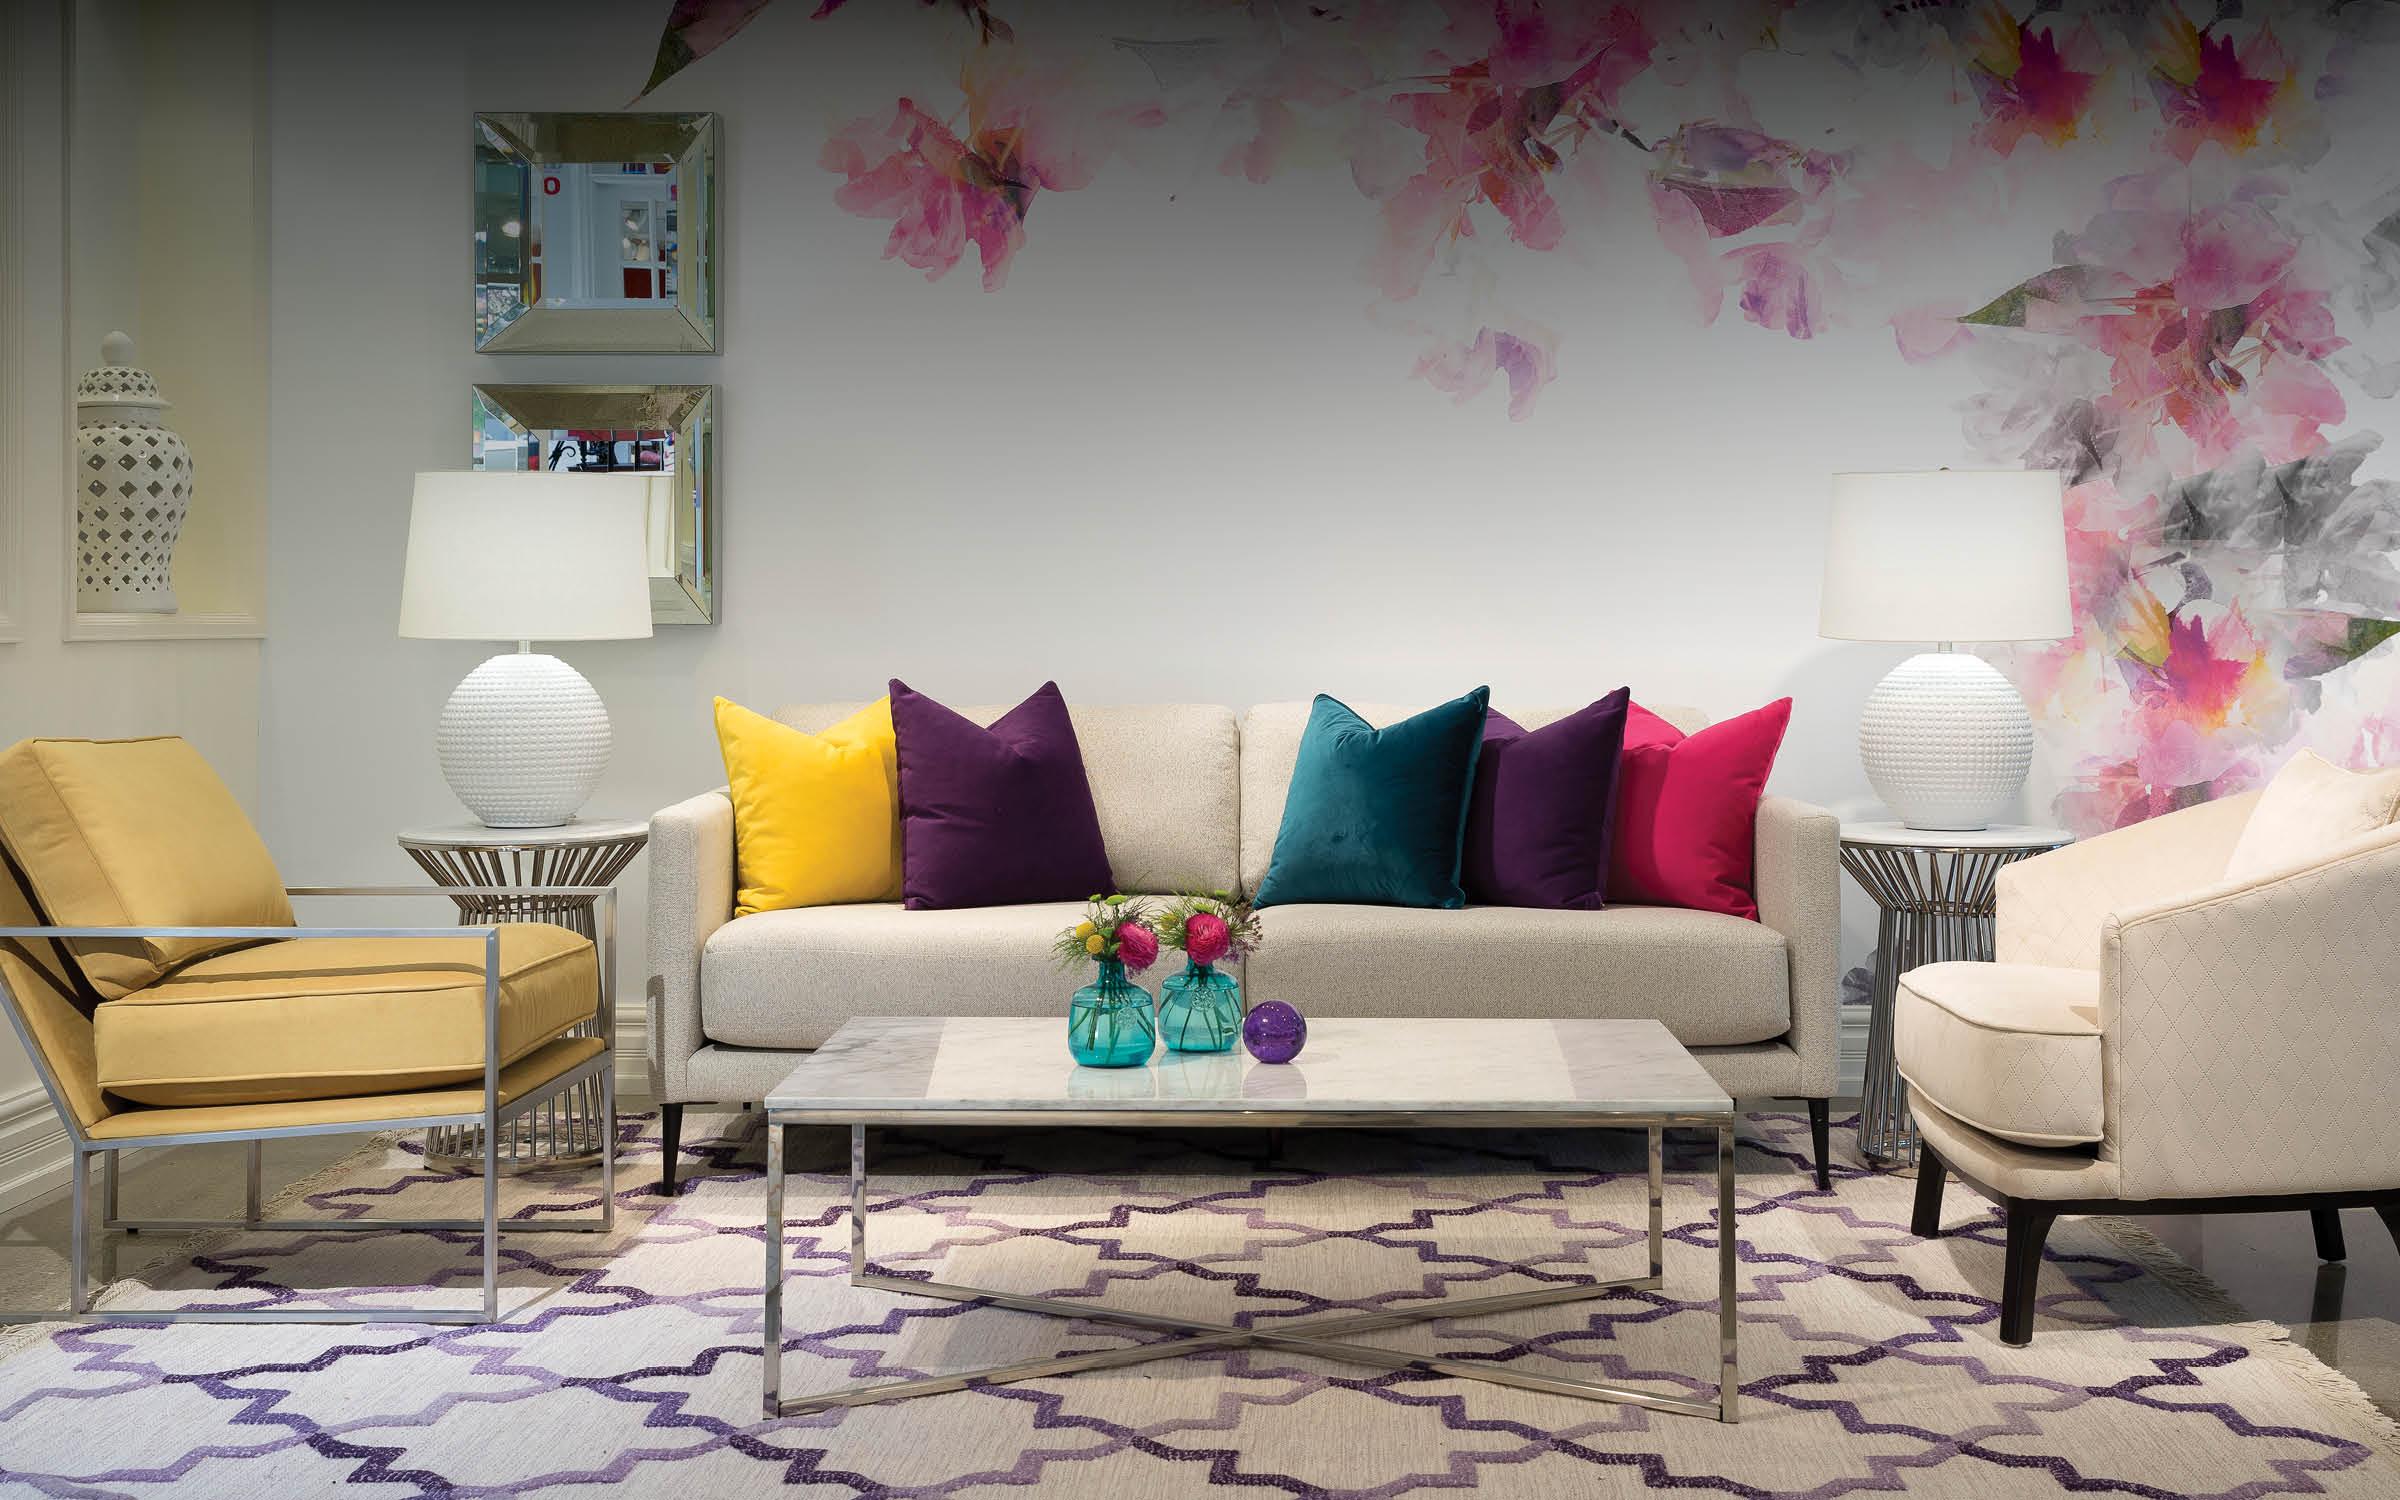 Decor Rest Furniture Ltd A Leading Canadian Manufacturer Of